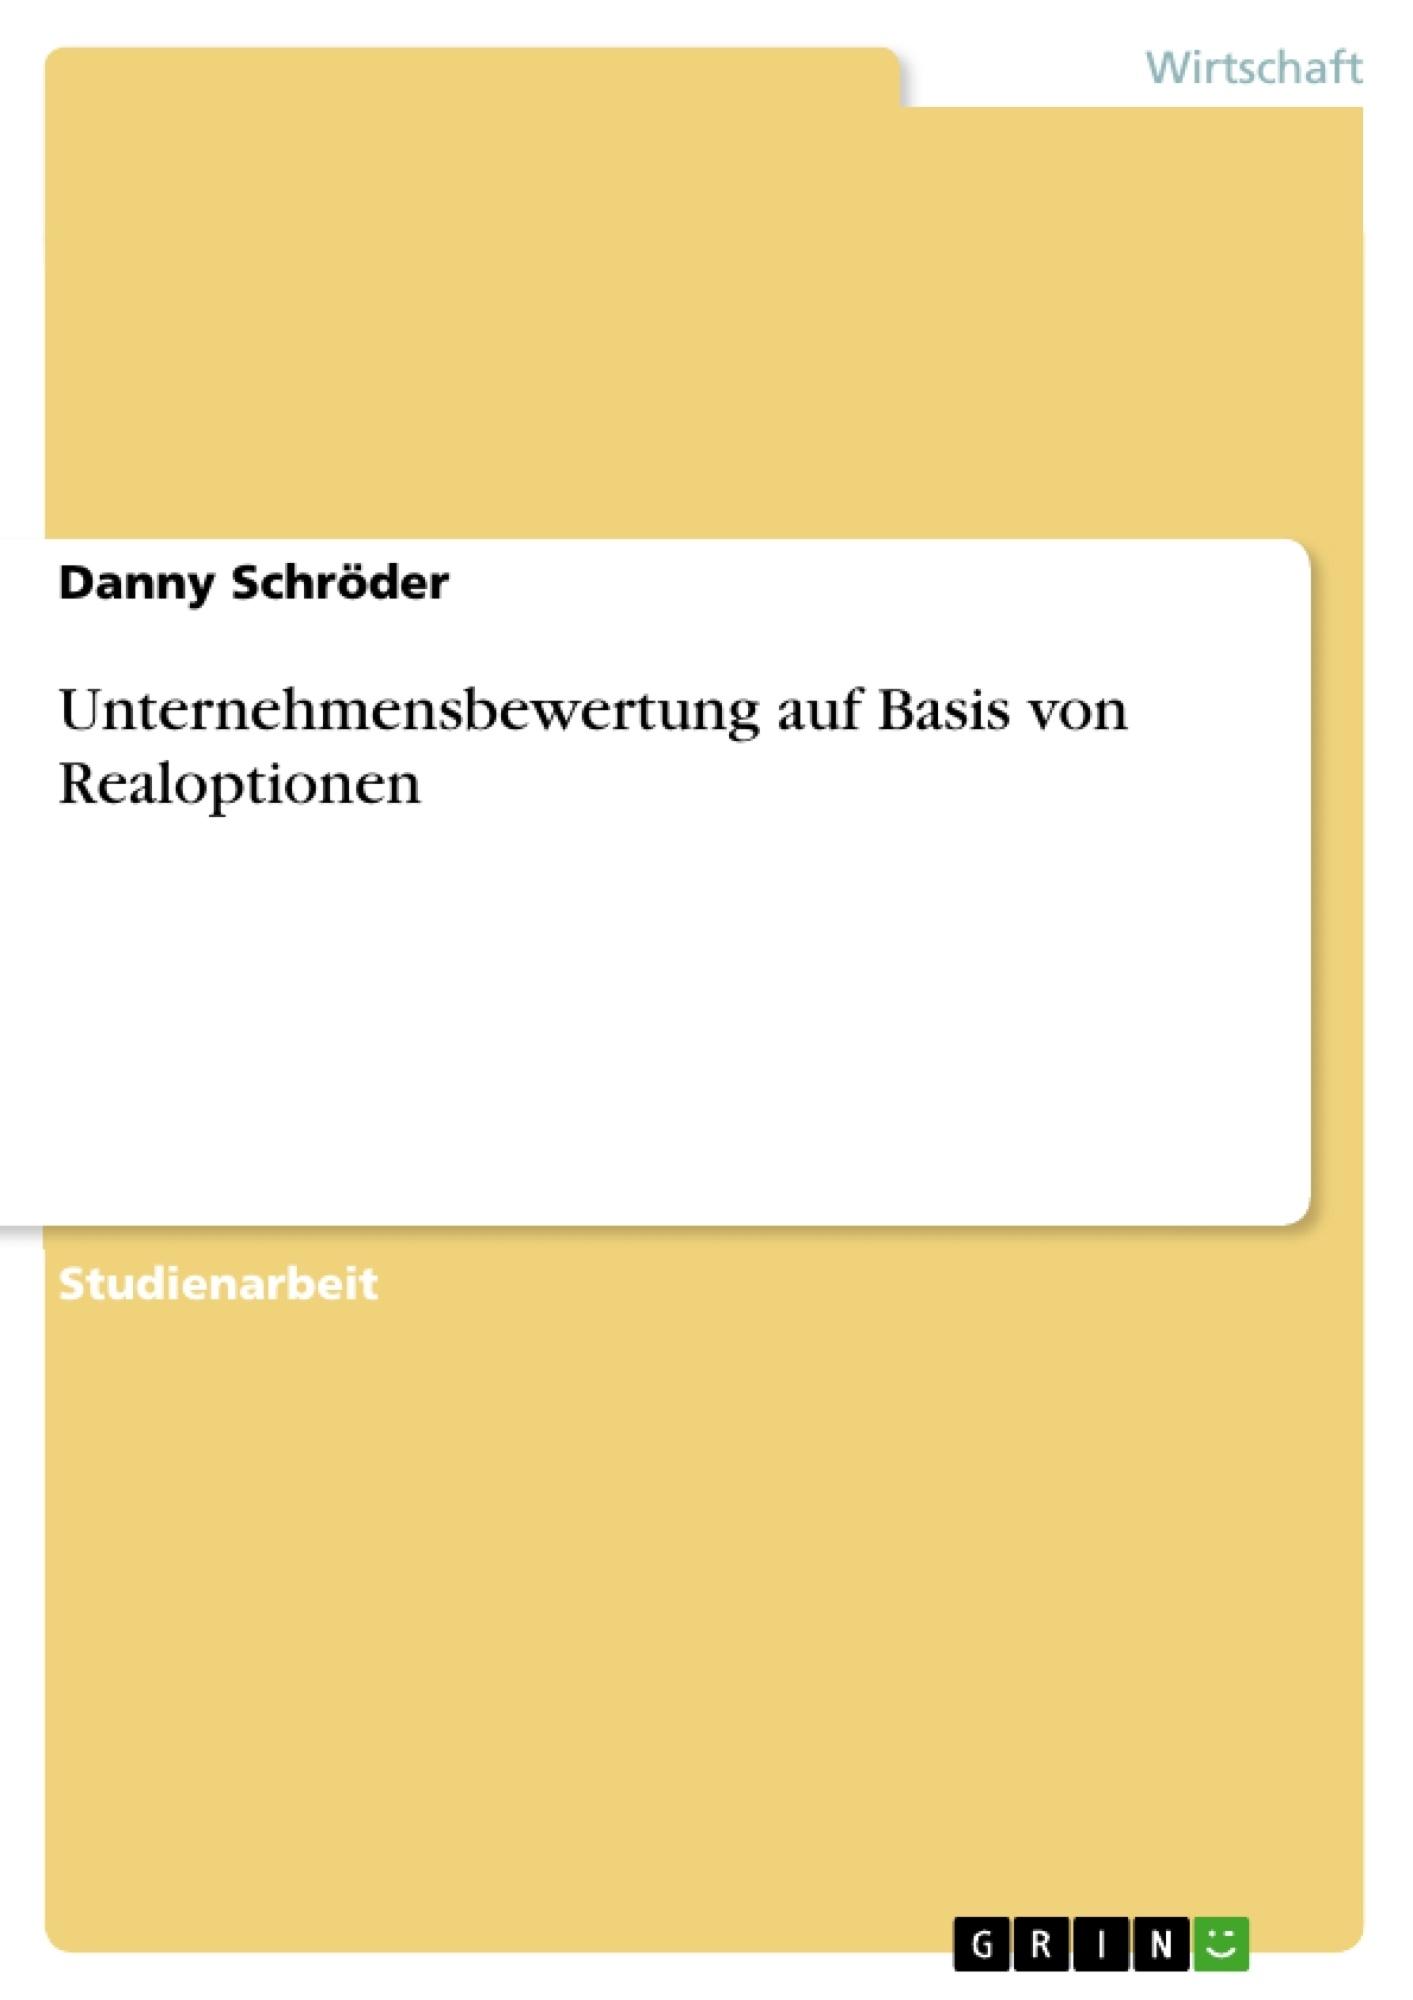 Titel: Unternehmensbewertung auf Basis von Realoptionen